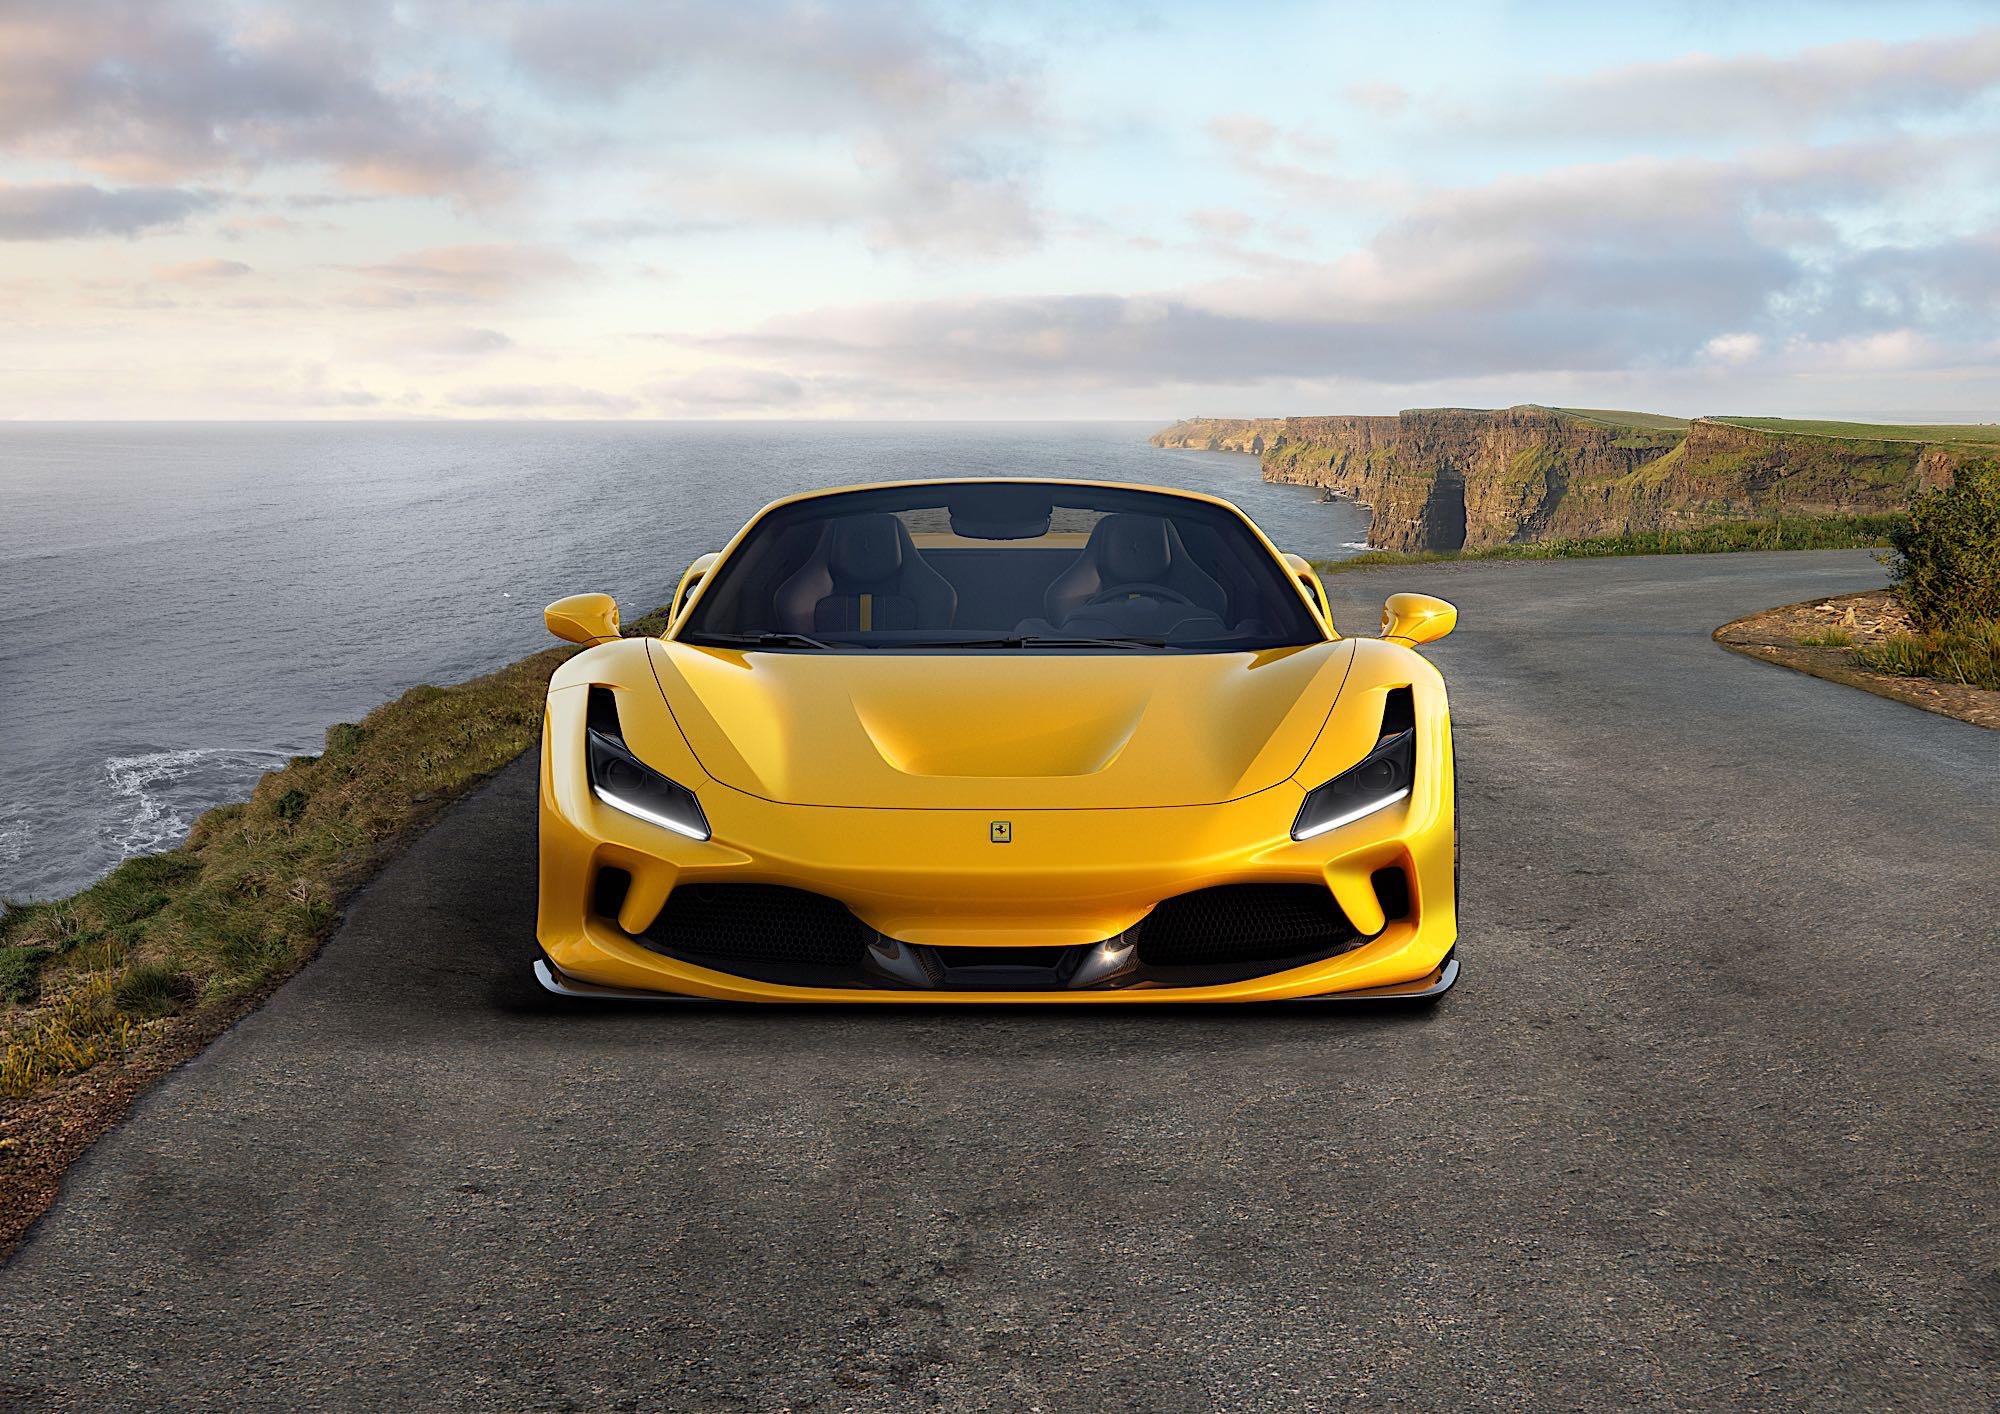 Passione automobili - Cover